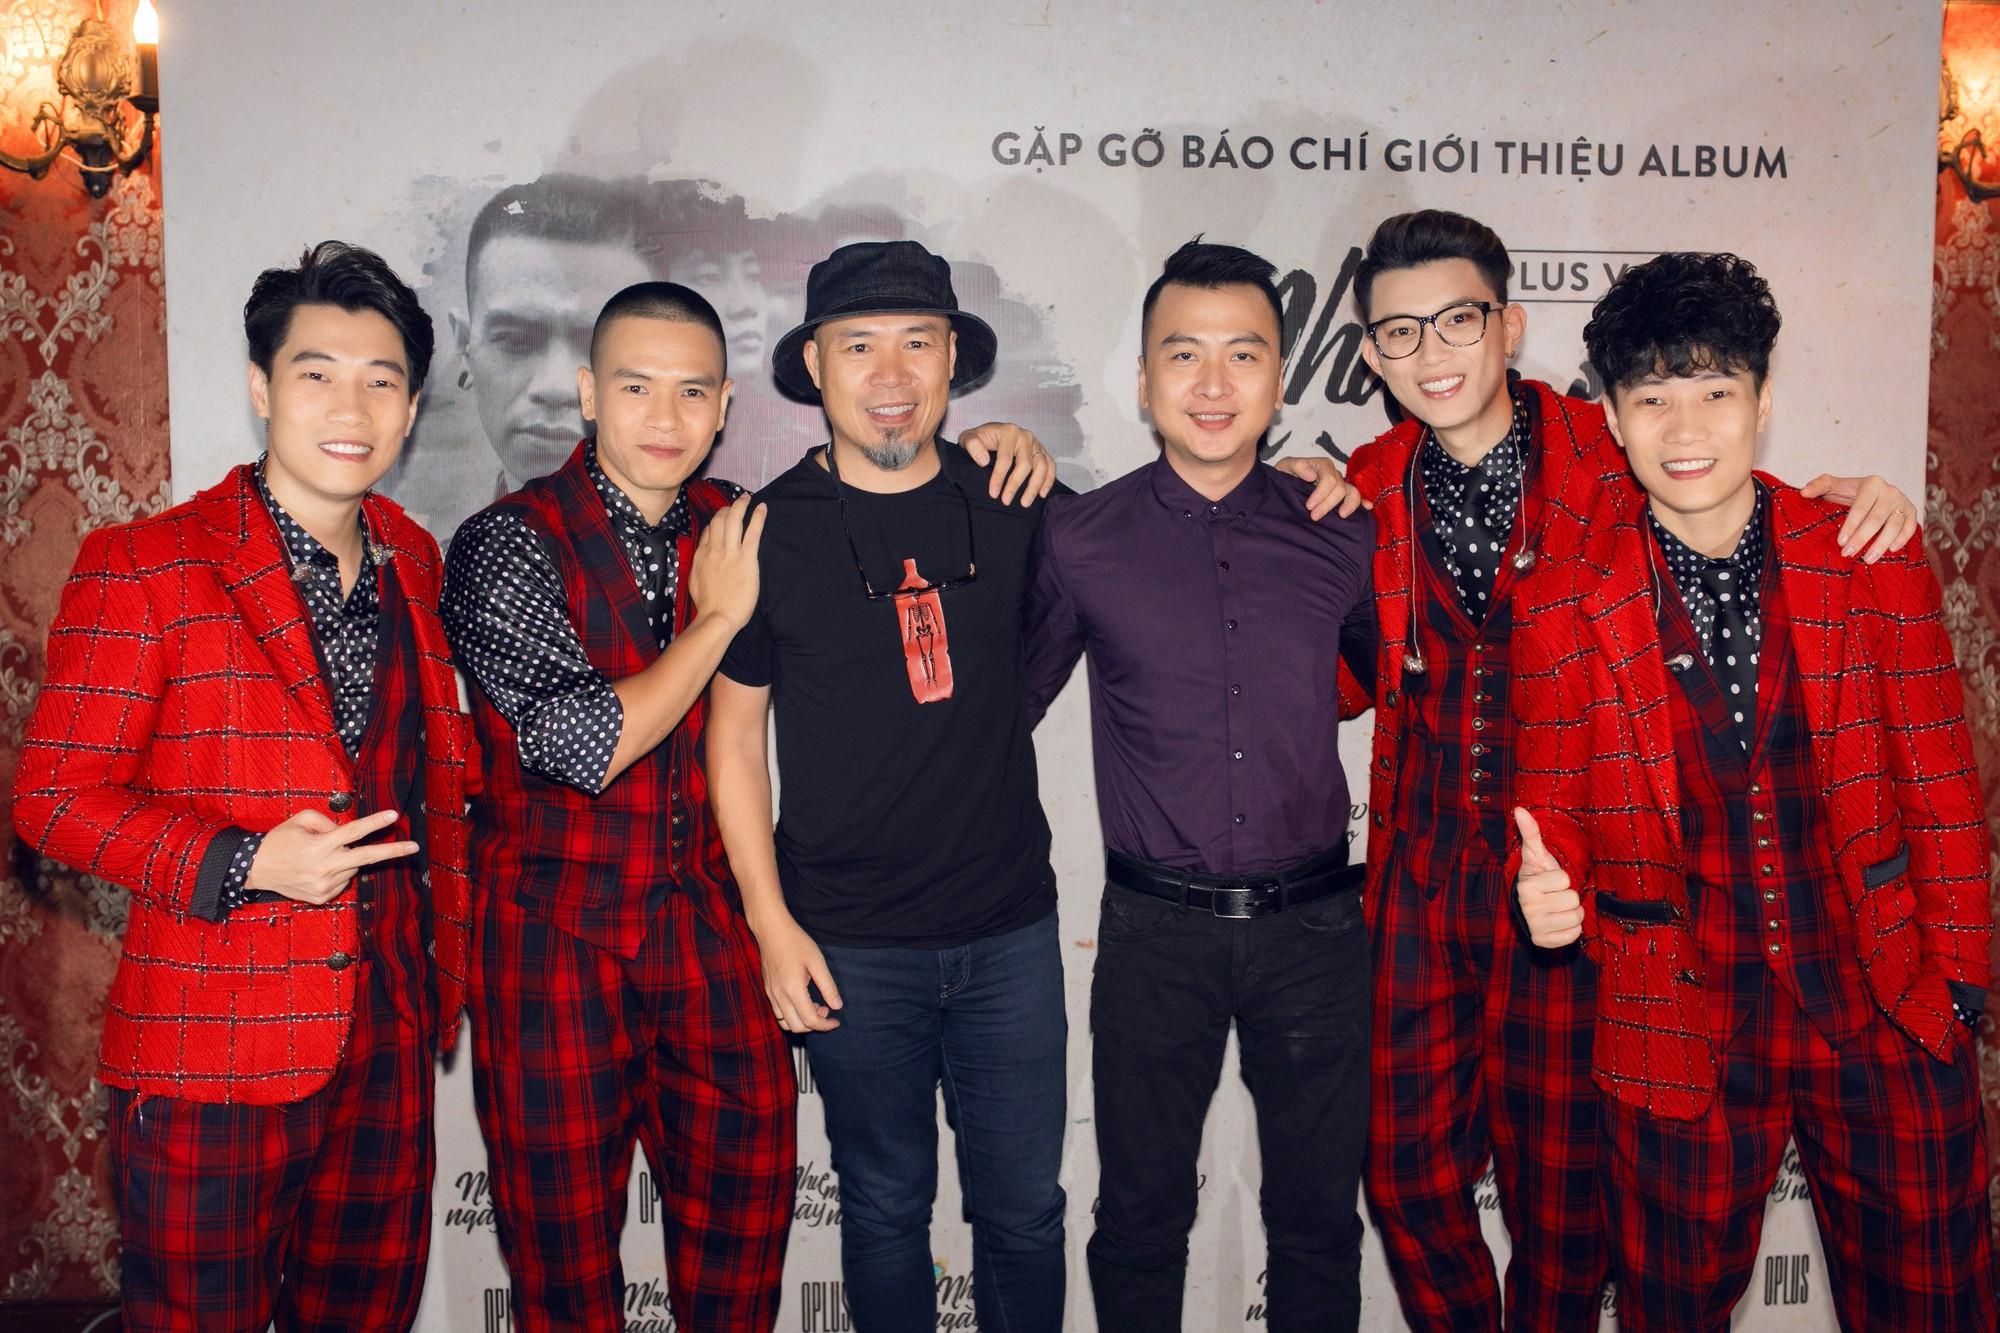 Diva Hồng Nhung hết lòng khen ngợi OPlus trong album nhạc xưa - Ảnh 4.